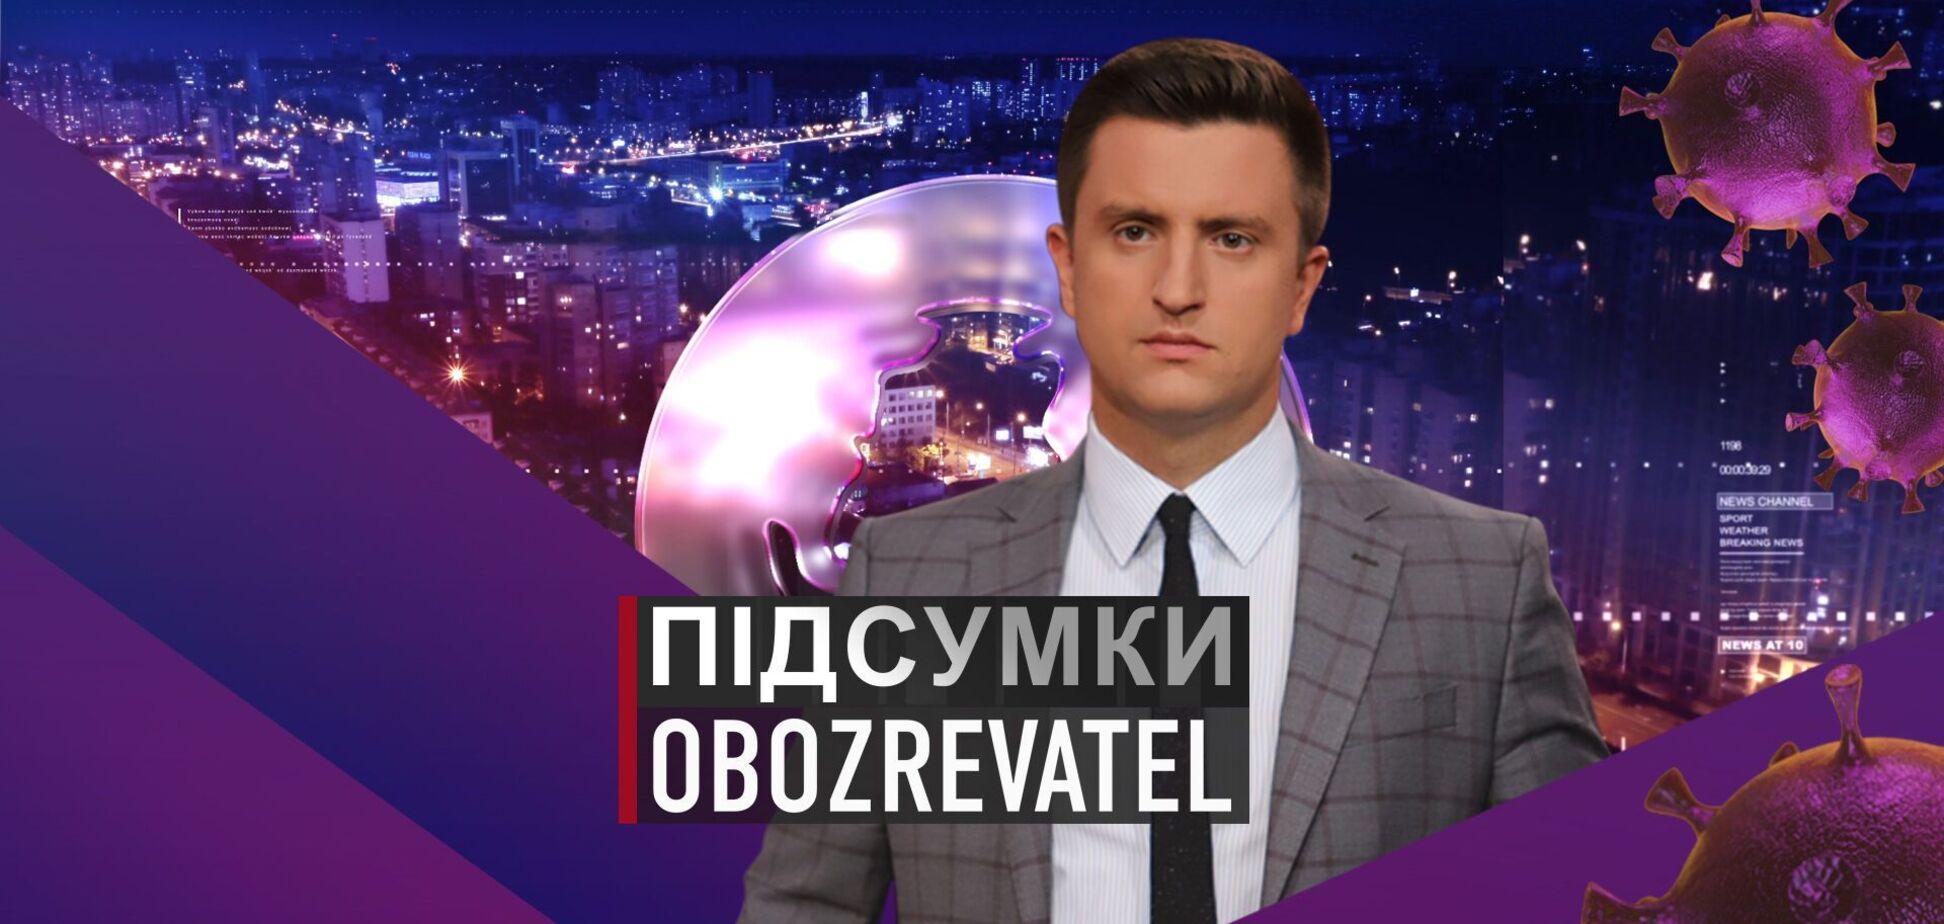 Підсумки з Вадимом Колодійчуком. П'ятниця, 8 жовтня